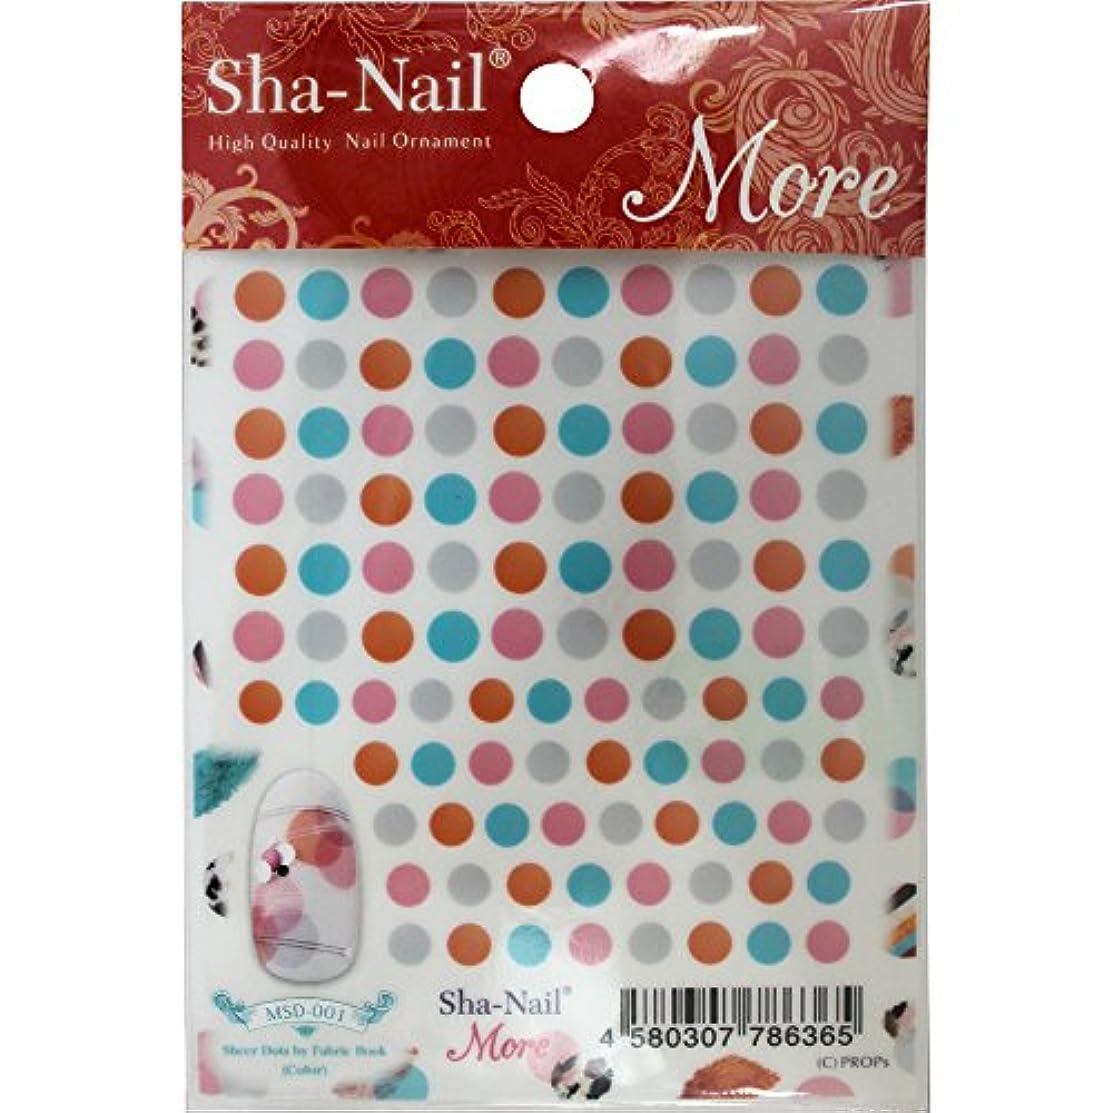 ヒップ生産的装備するSha-Nail More ネイルシール シアードット(カラー) MSD-001 アート材